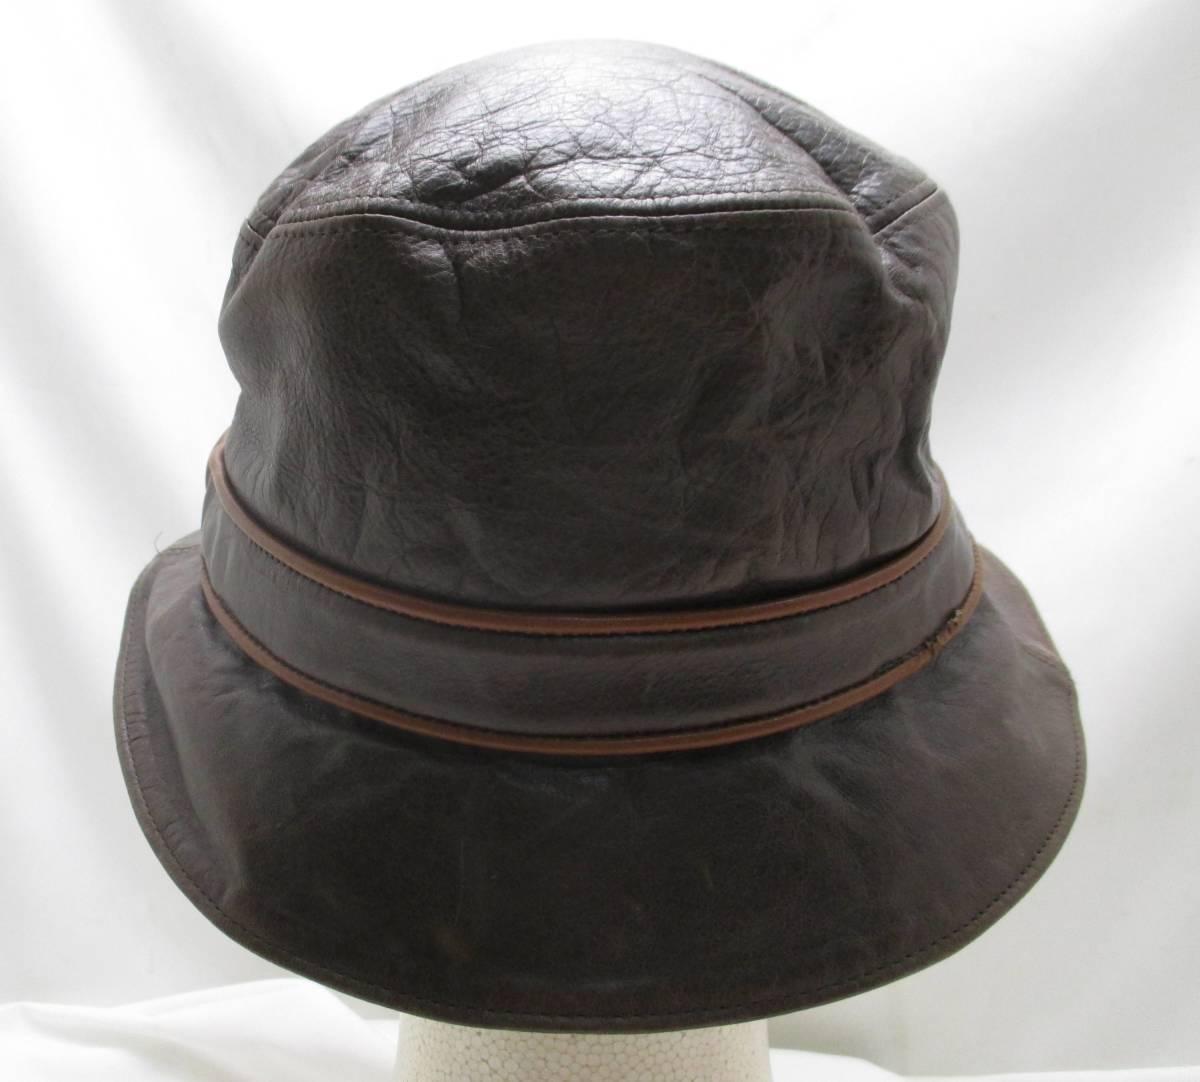 c5cfc65ed839 代購代標第一品牌- 樂淘letao - コーチCOACH 帽子P/S 牛革レザーブラウン